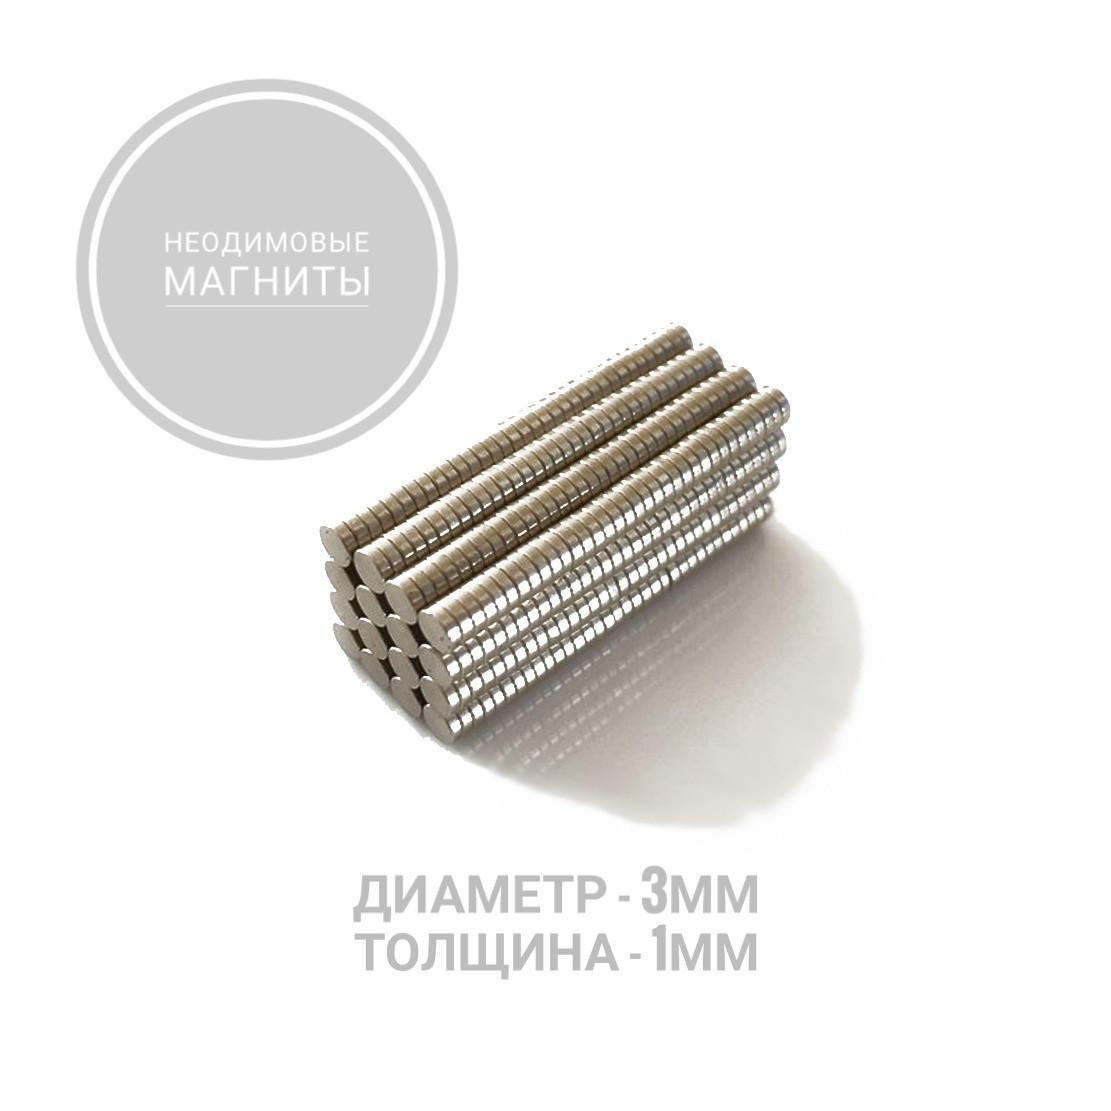 Магнит неодимовый 3мм х 1мм